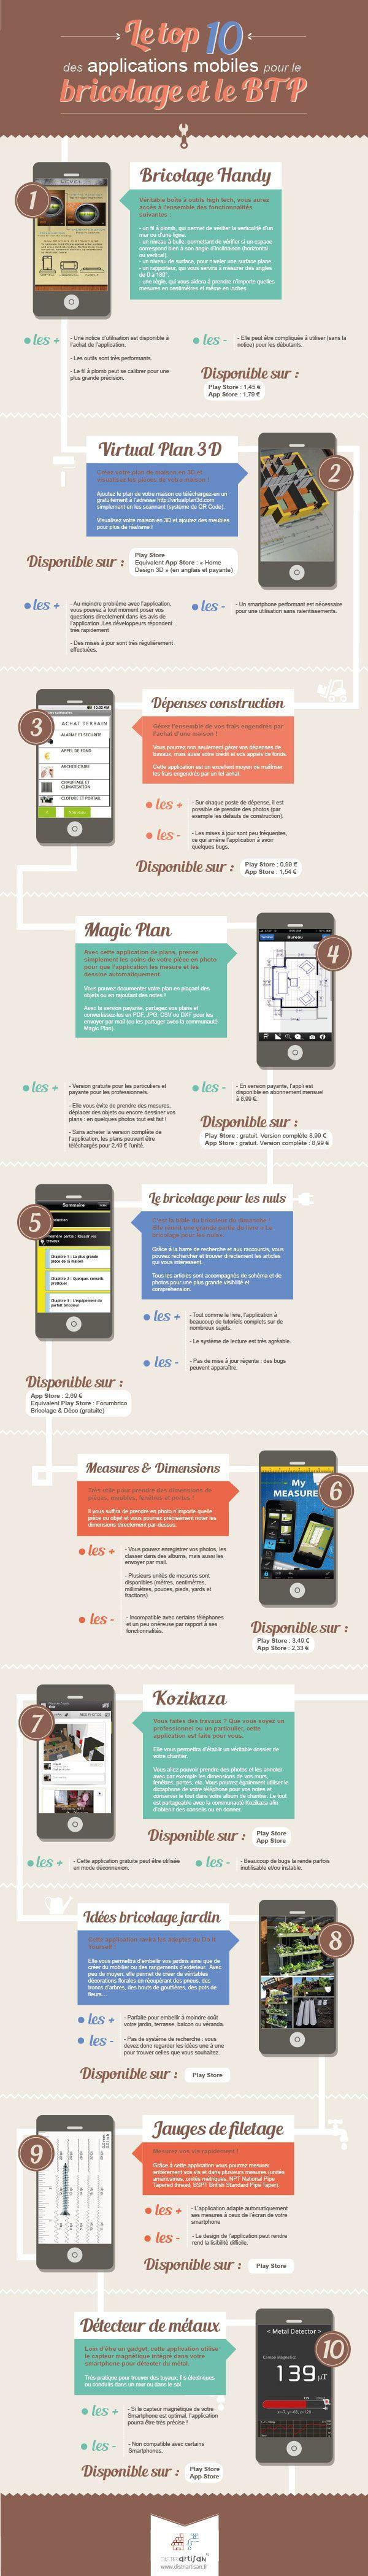 Infographies des 10 meilleurs applications du BTP et du bricolage